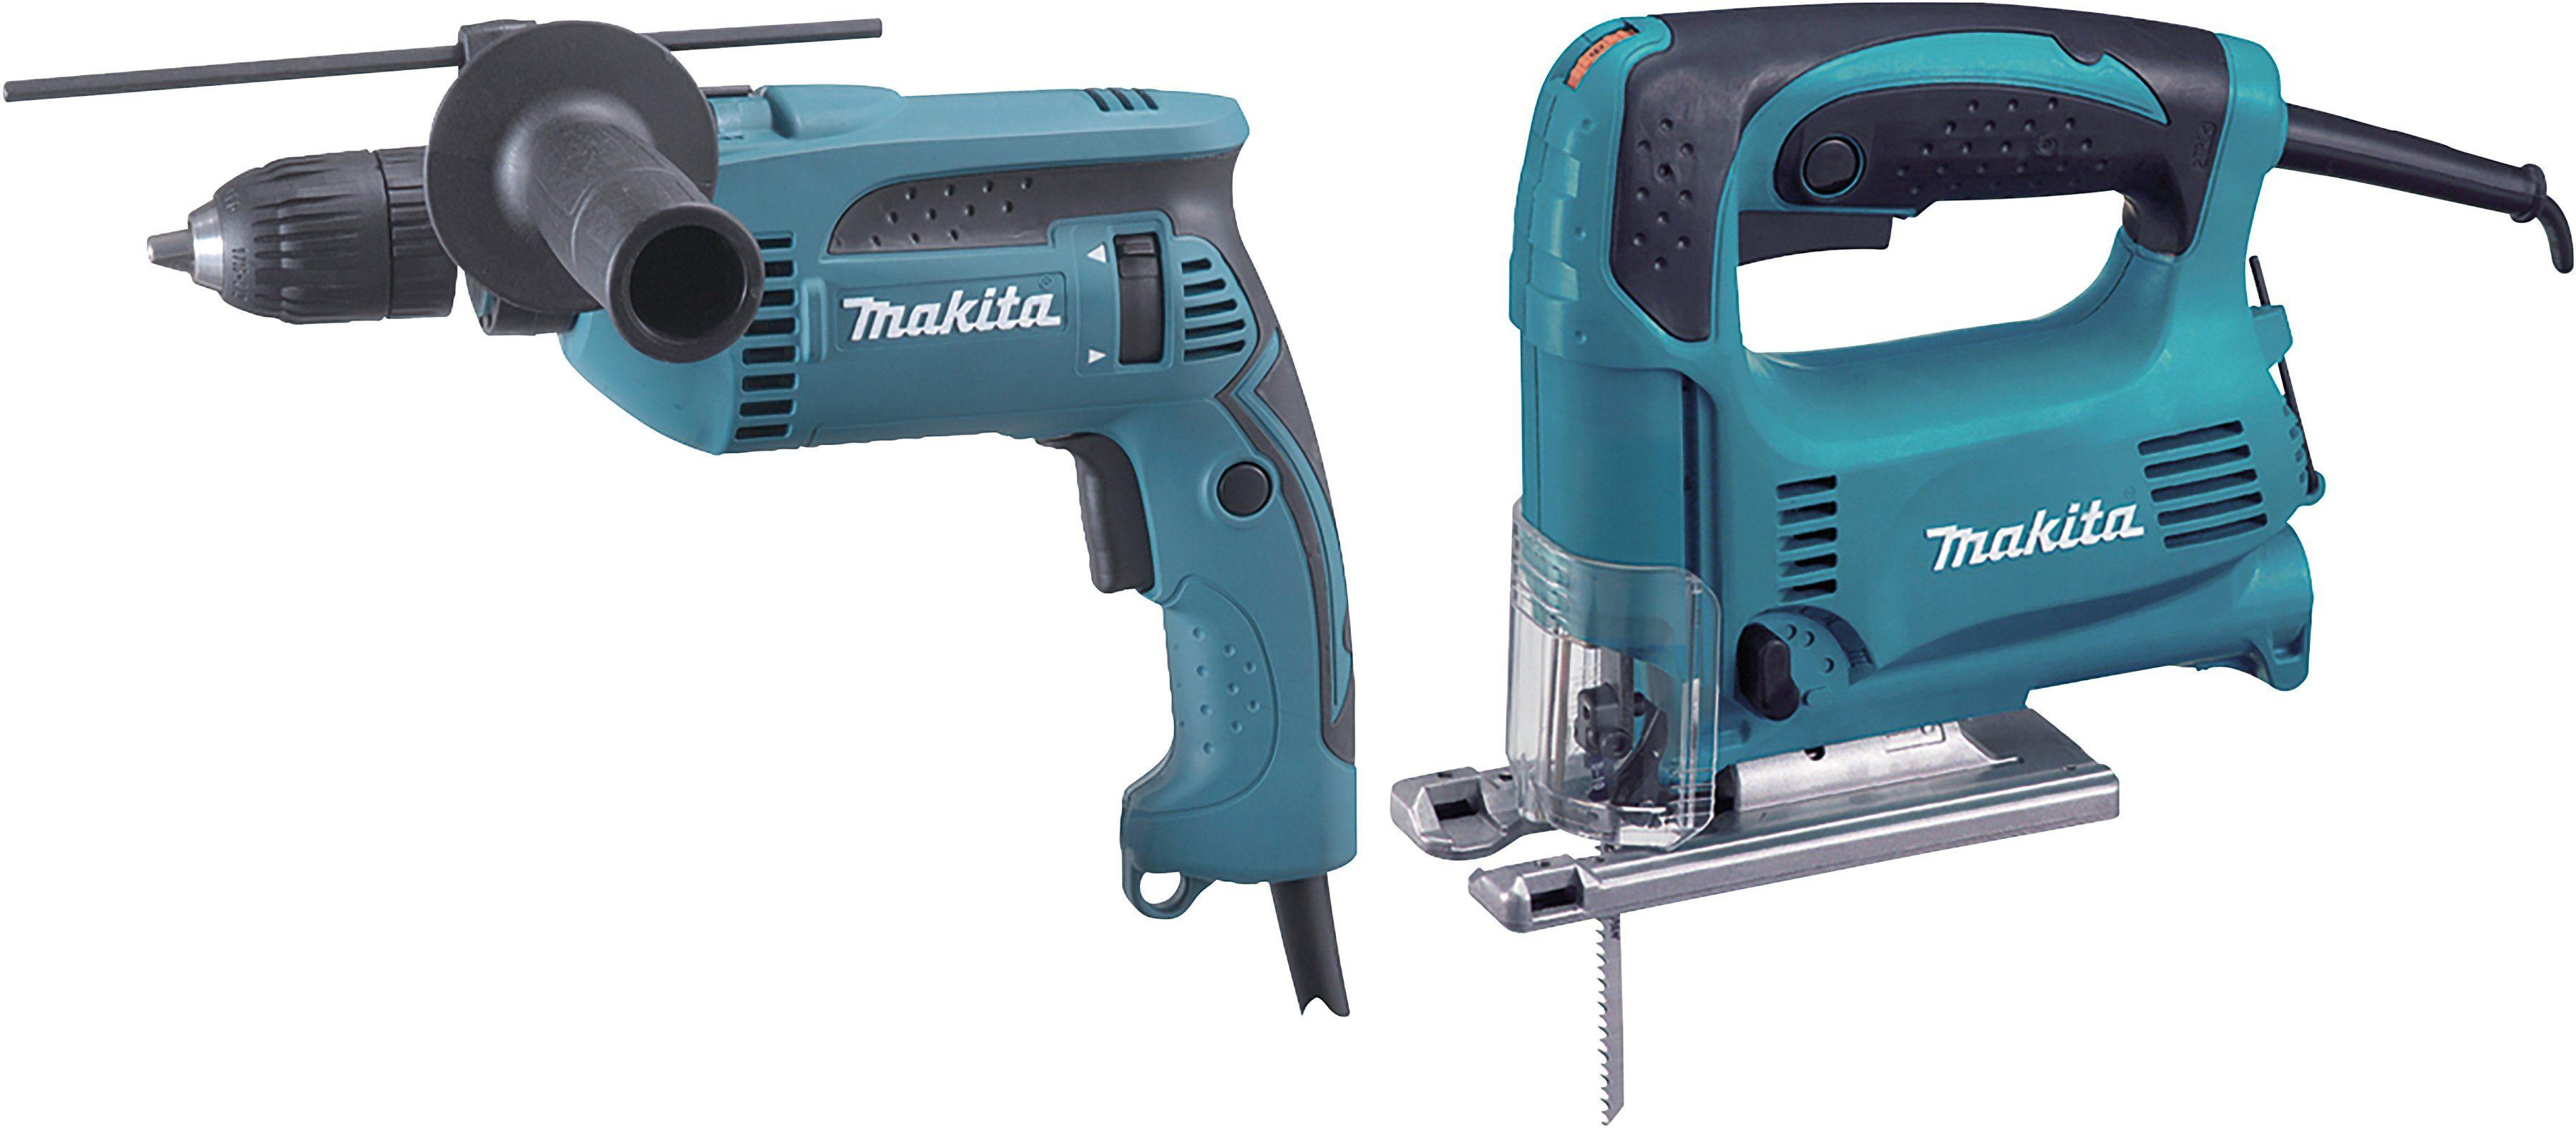 MAKITA Werkzeugset »DK0074«, Stichsäge ( 4329) + Schlagbohrmaschine (HP1641 )